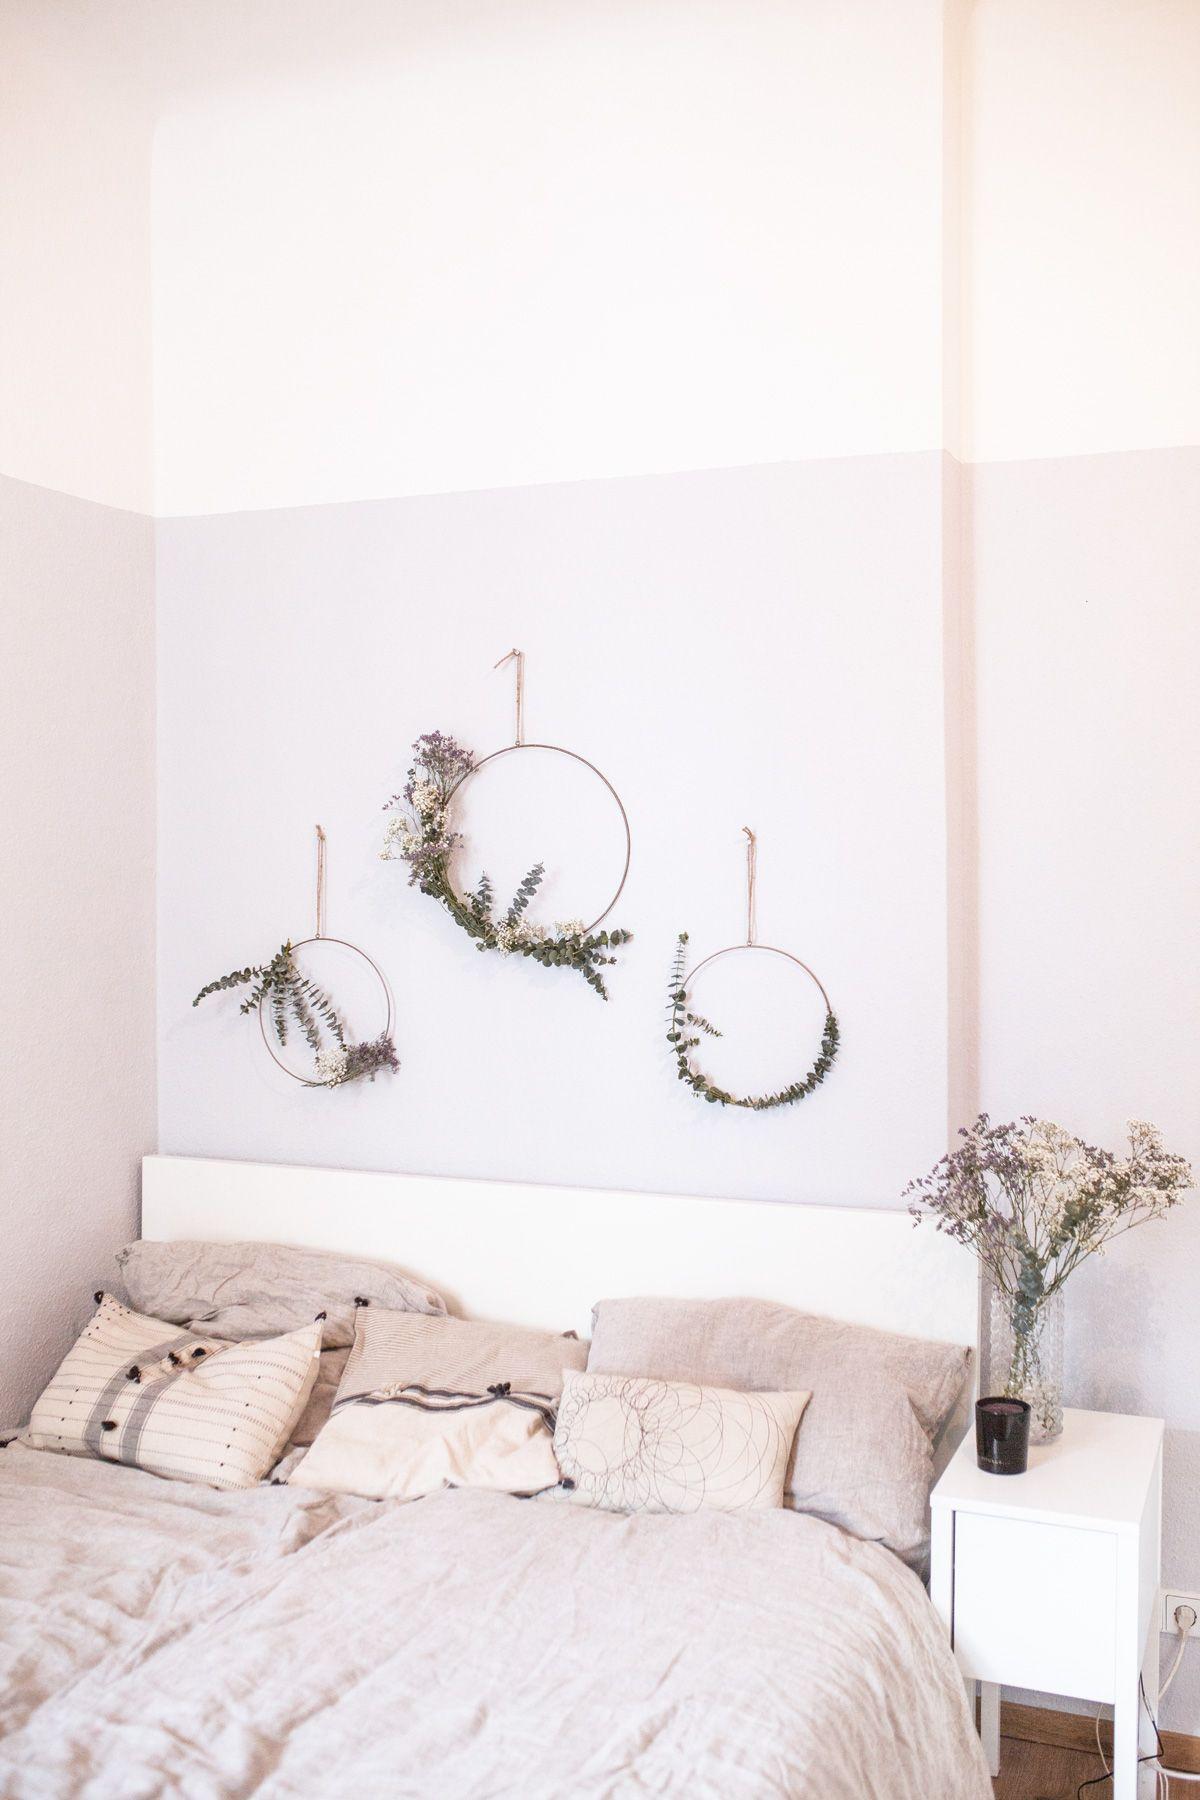 Full Size of Wanddeko Ideen Diy Eukalyptus Kranz Wohnzimmer Tapeten Küche Bad Renovieren Wohnzimmer Wanddeko Ideen